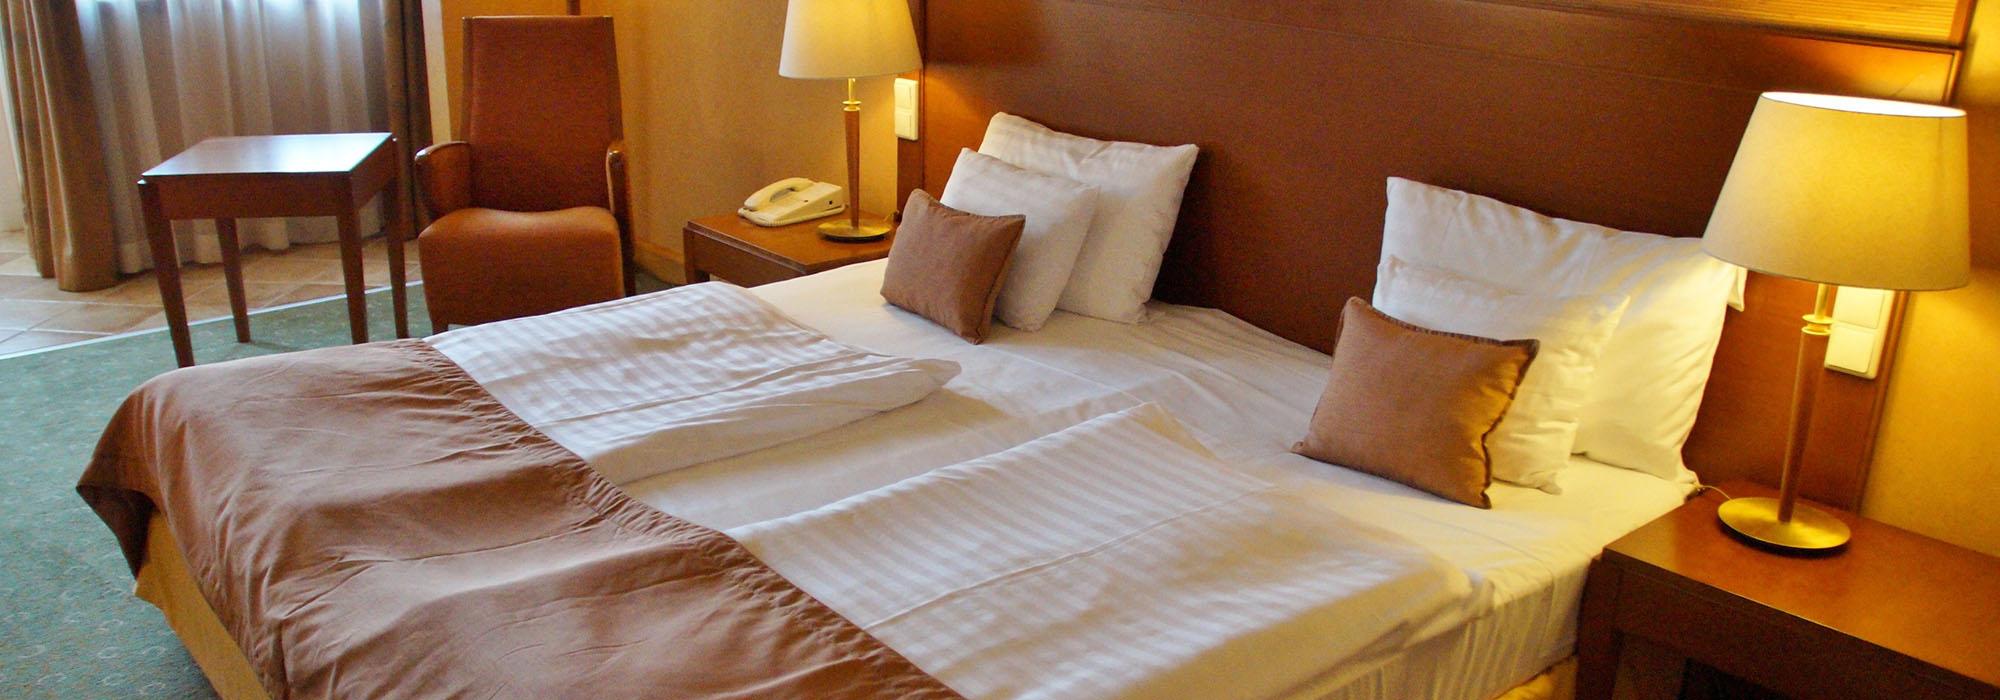 bed-976597-pixabay